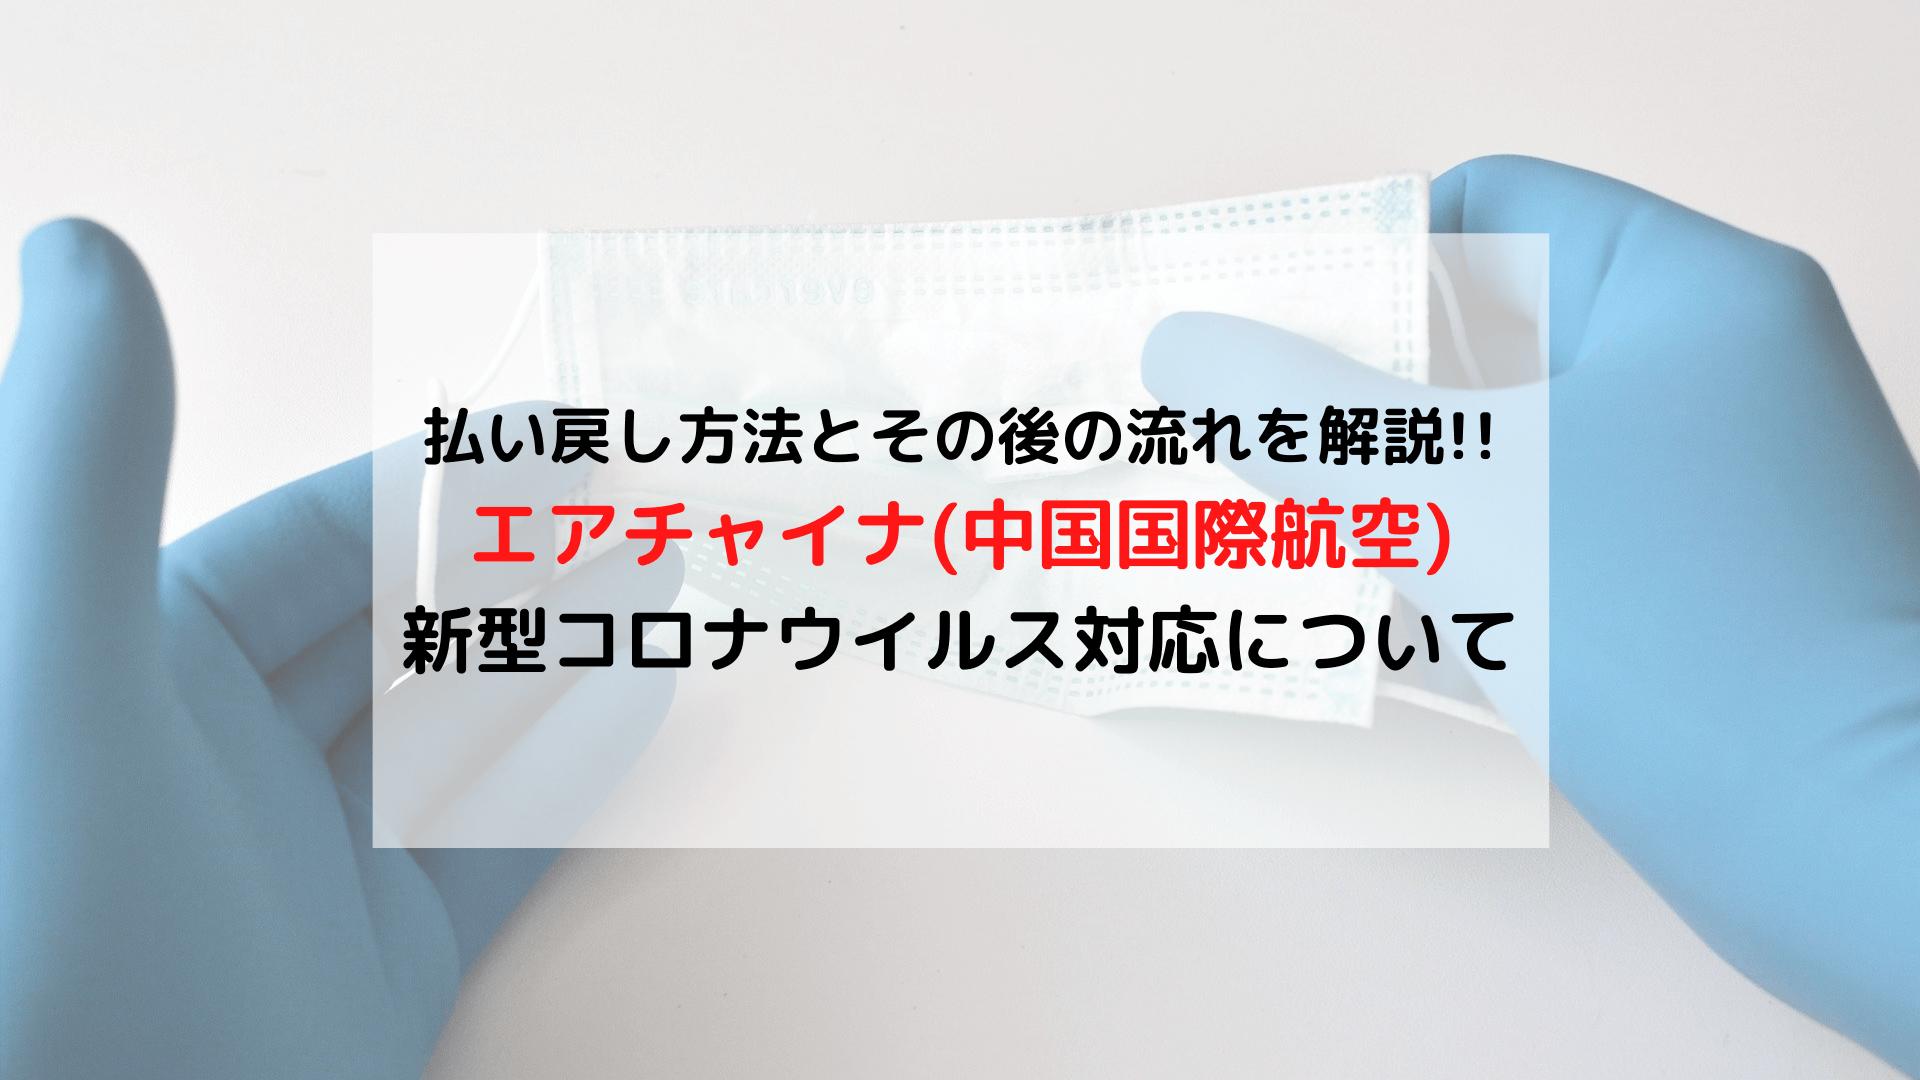 エアチャイナ(中国国際航空)のコロナウイルス対応について